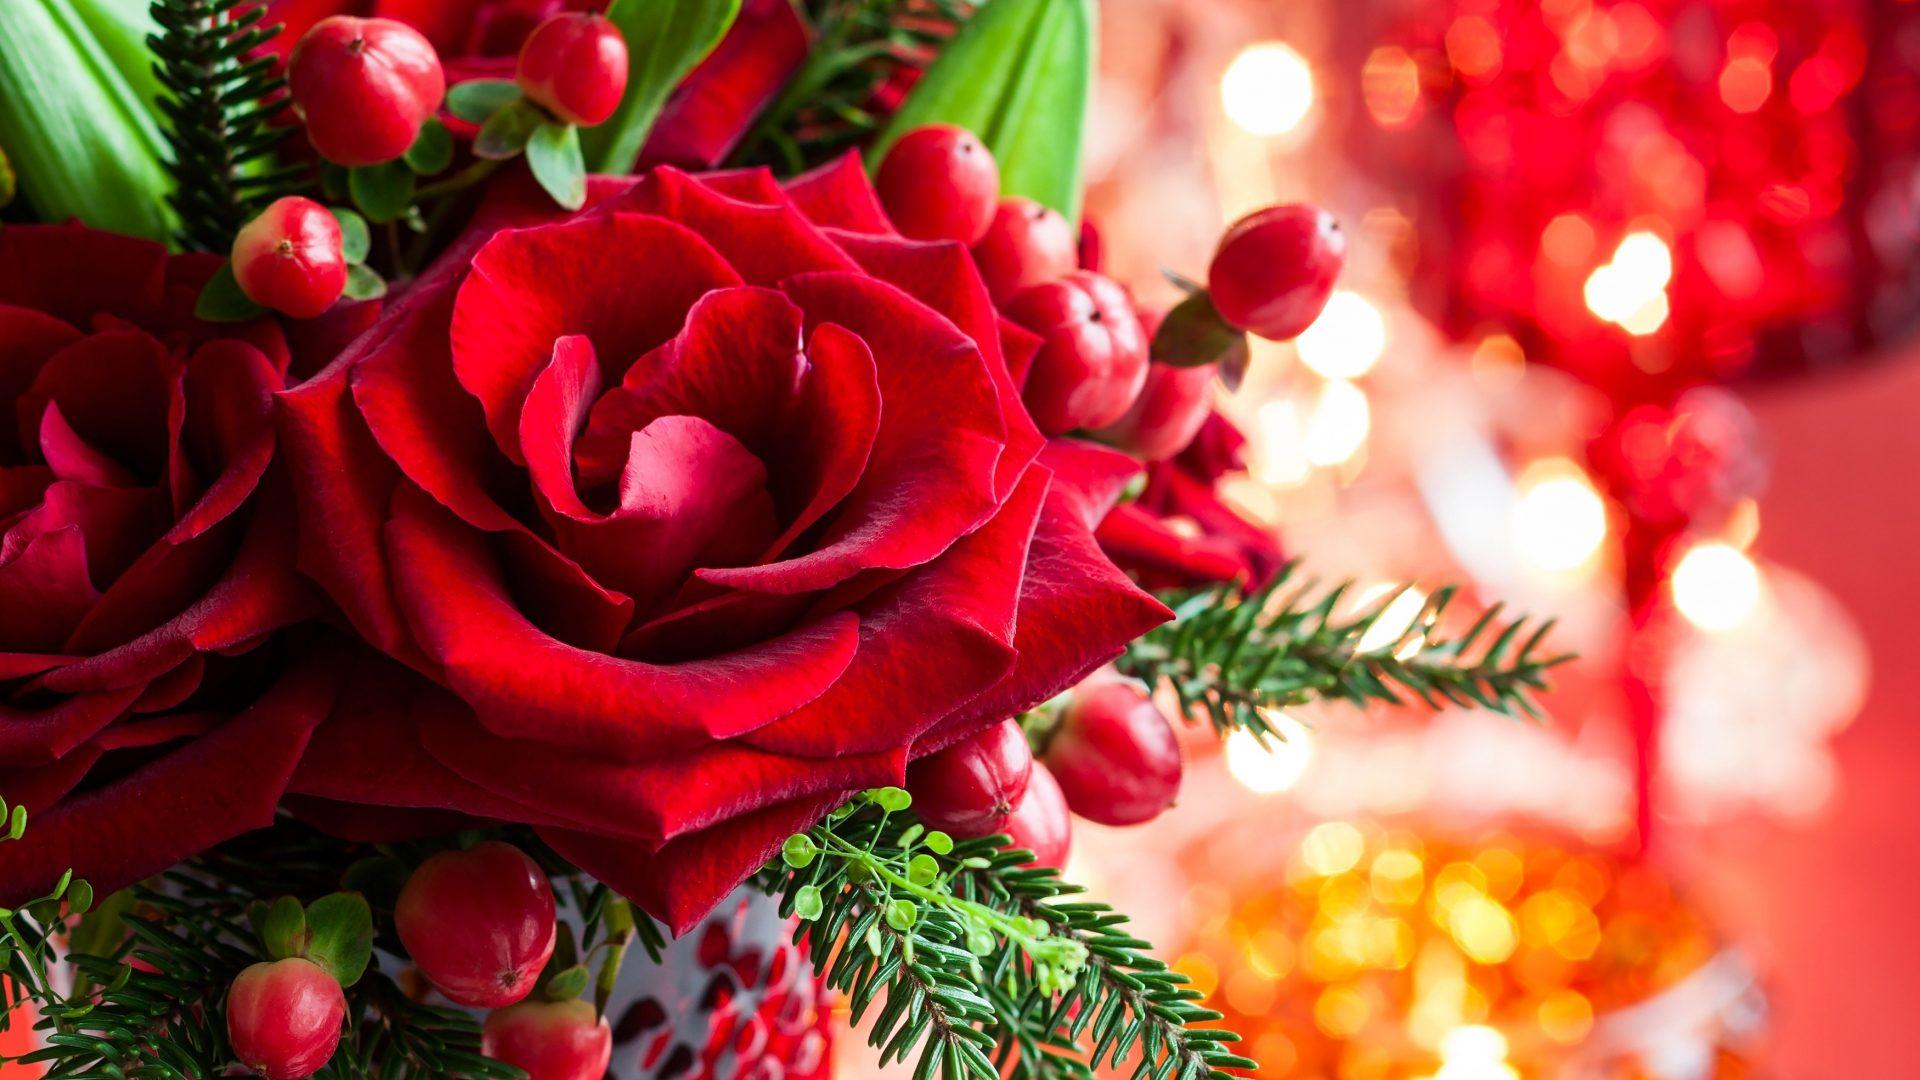 Magic Love Bokeh Red Xmas Roses Merry Rose Christmas